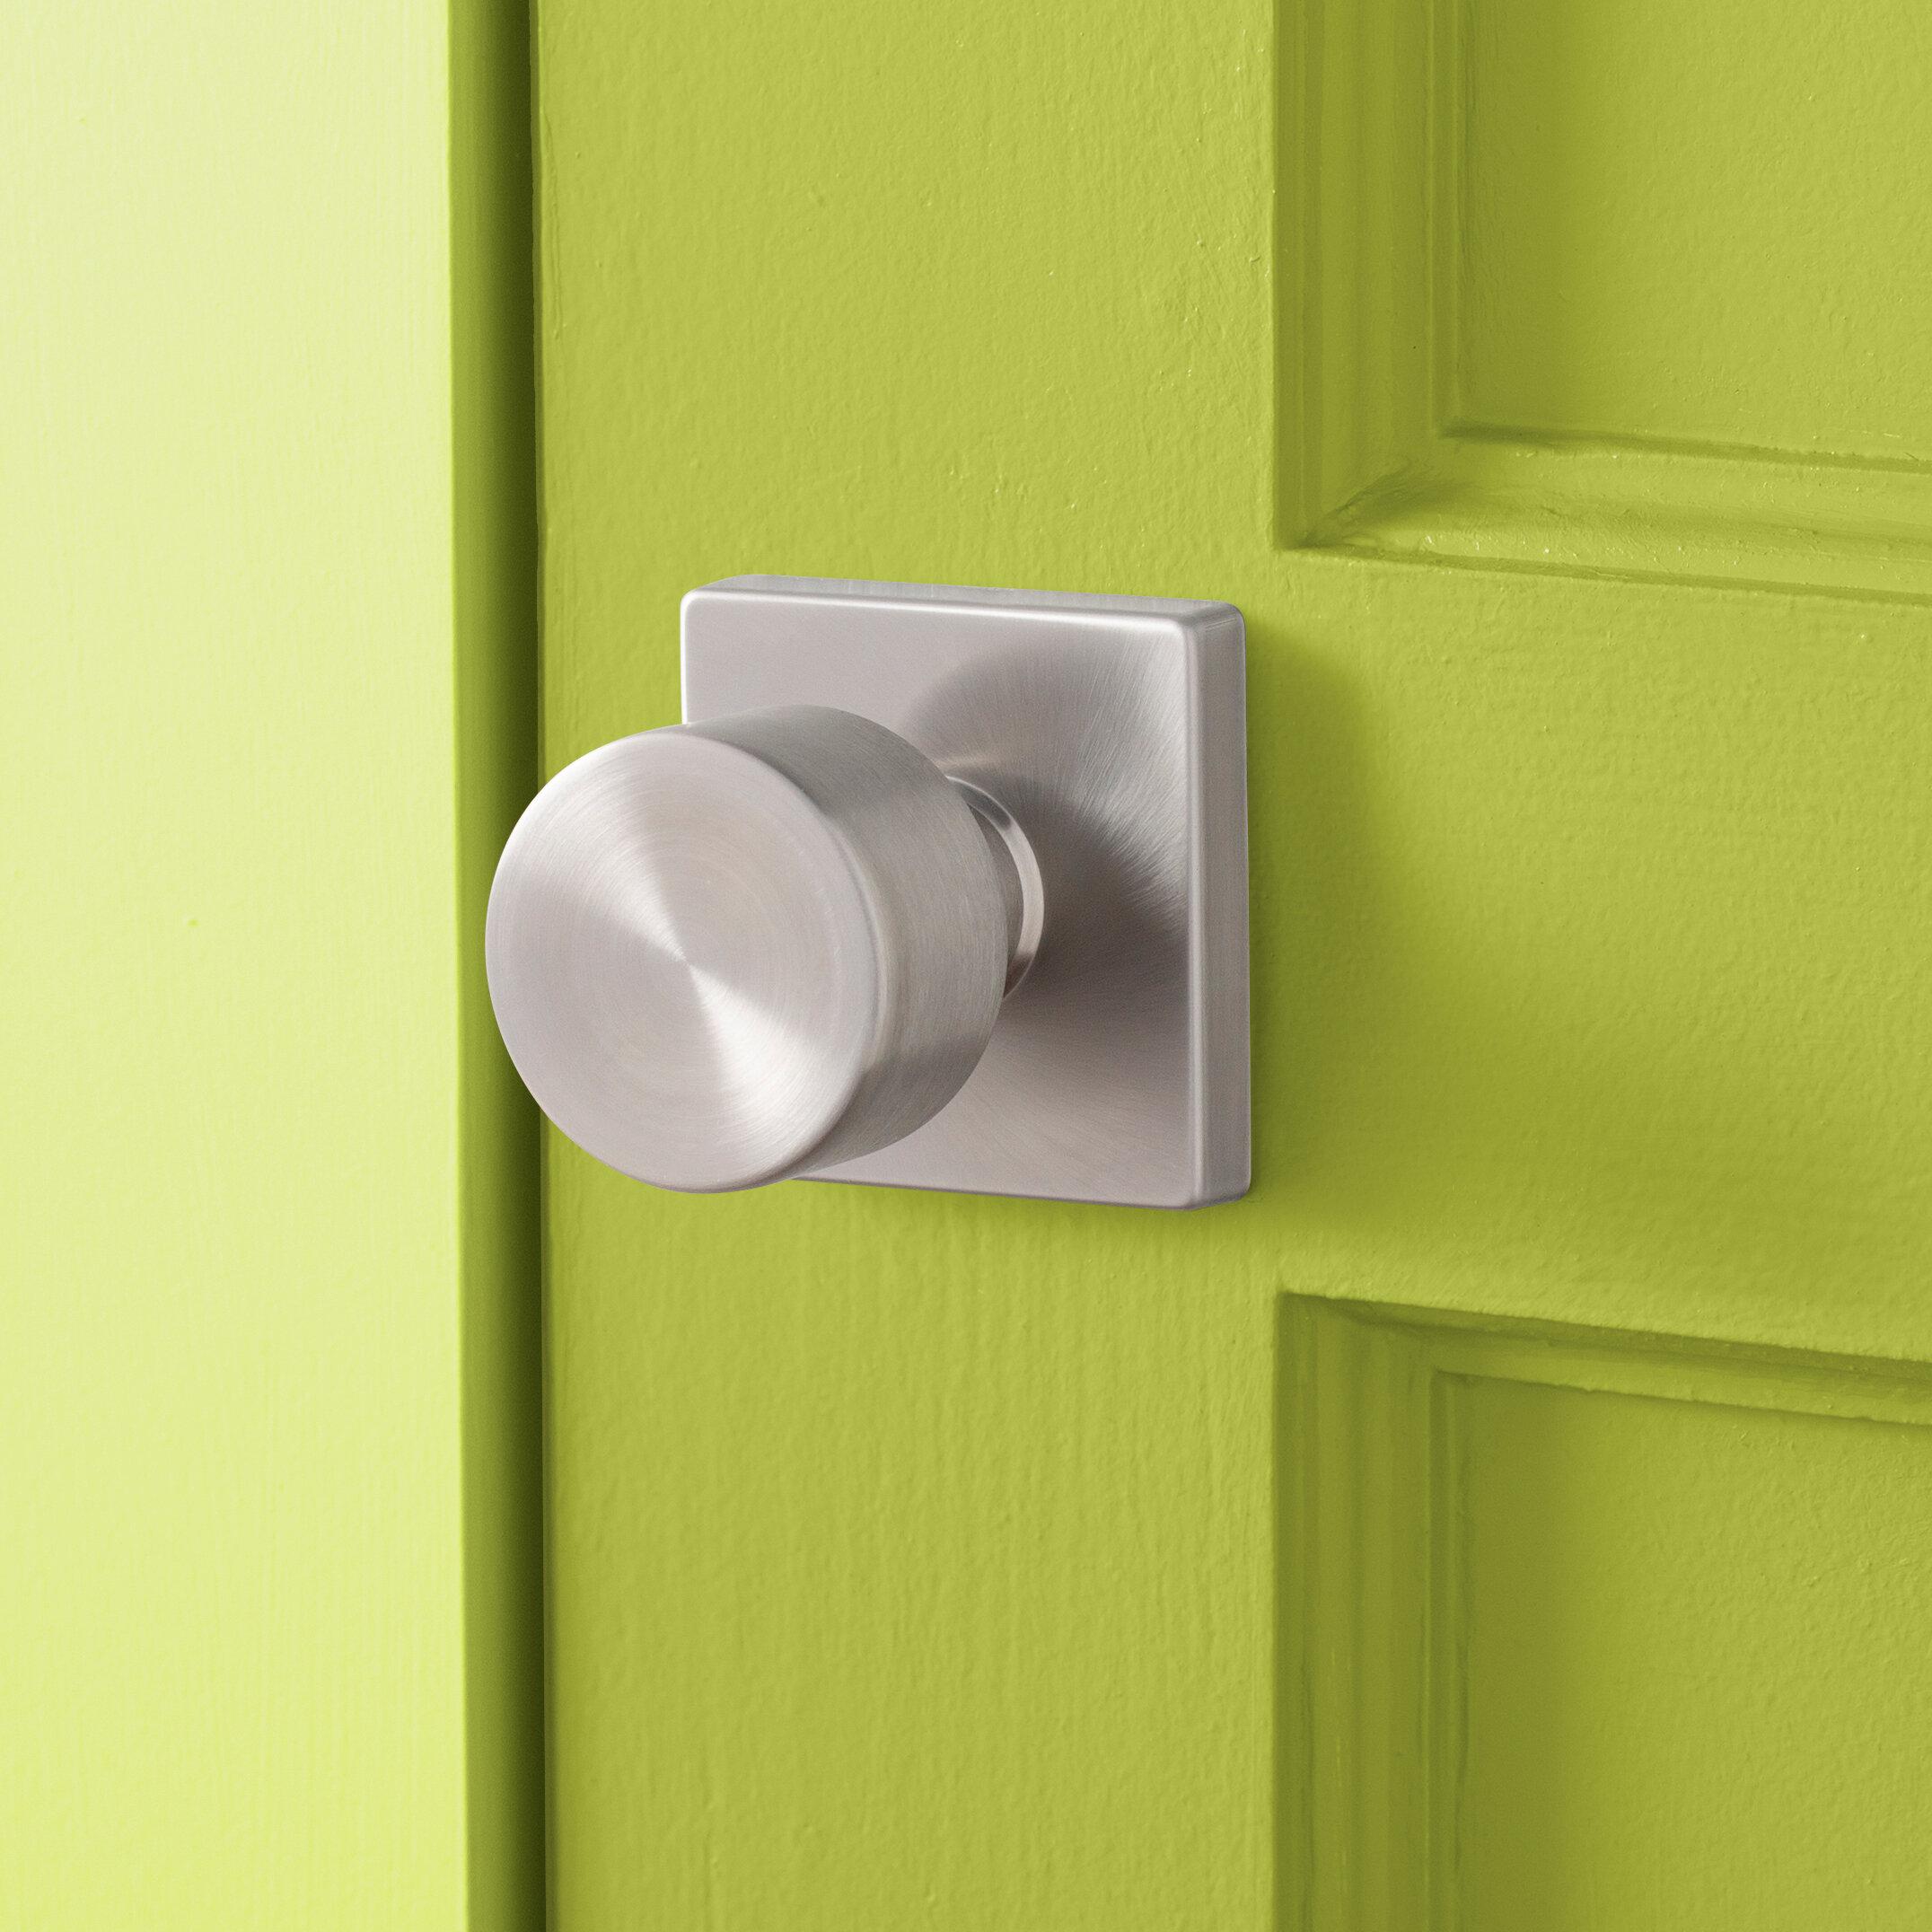 Interior Door Knobs You Ll Love In 2021 Wayfair